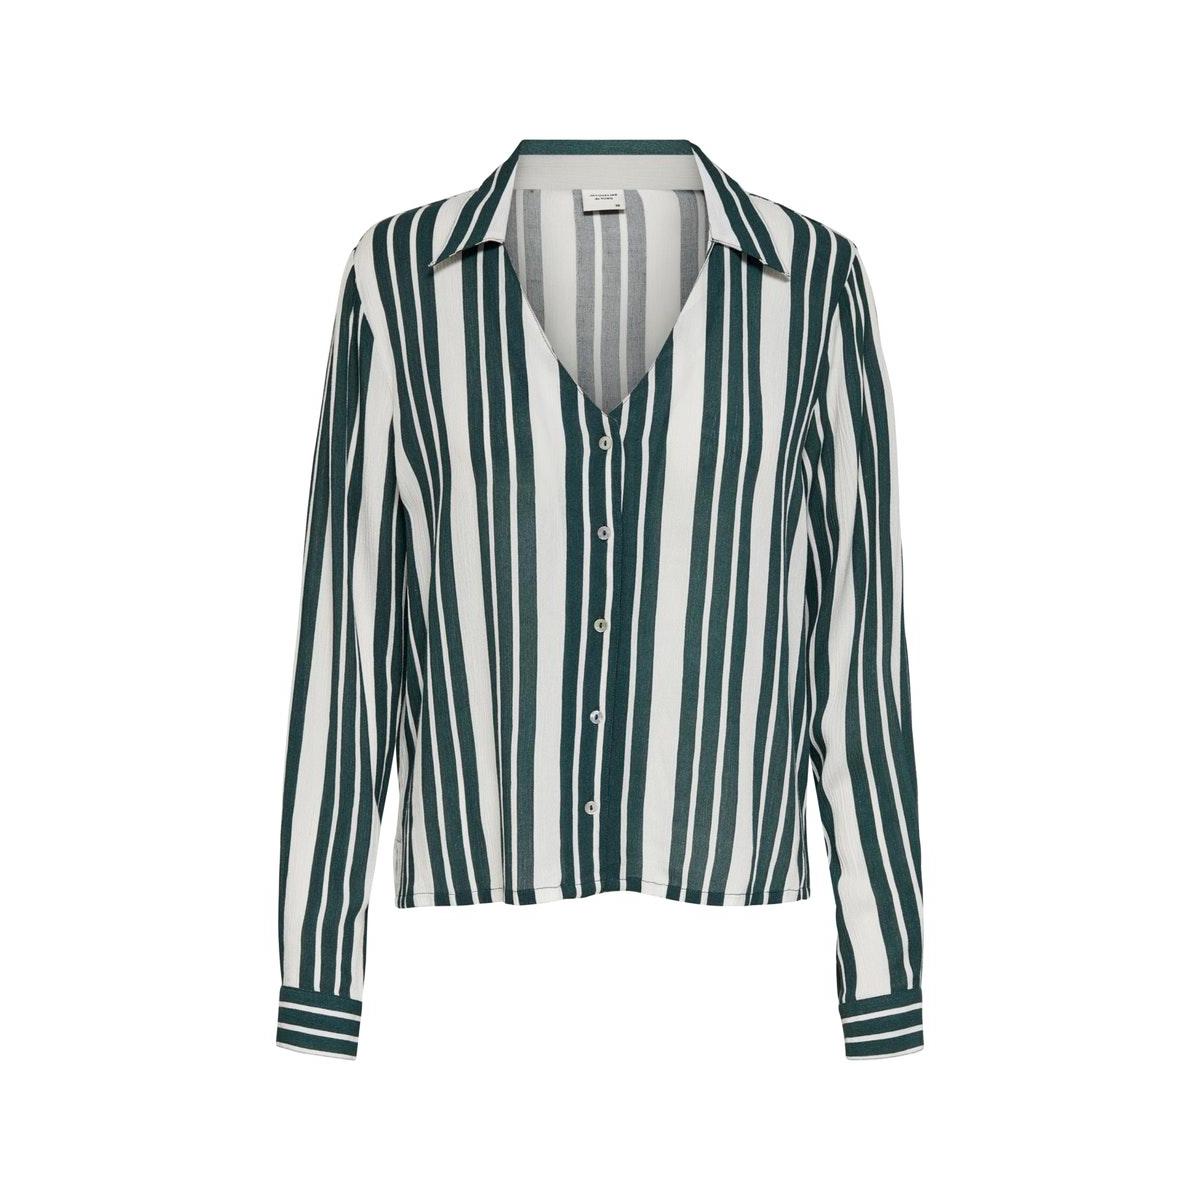 jdyrasser l/s shirt wvn 15194256 jacqueline de yong blouse cloud dancer/green gabl